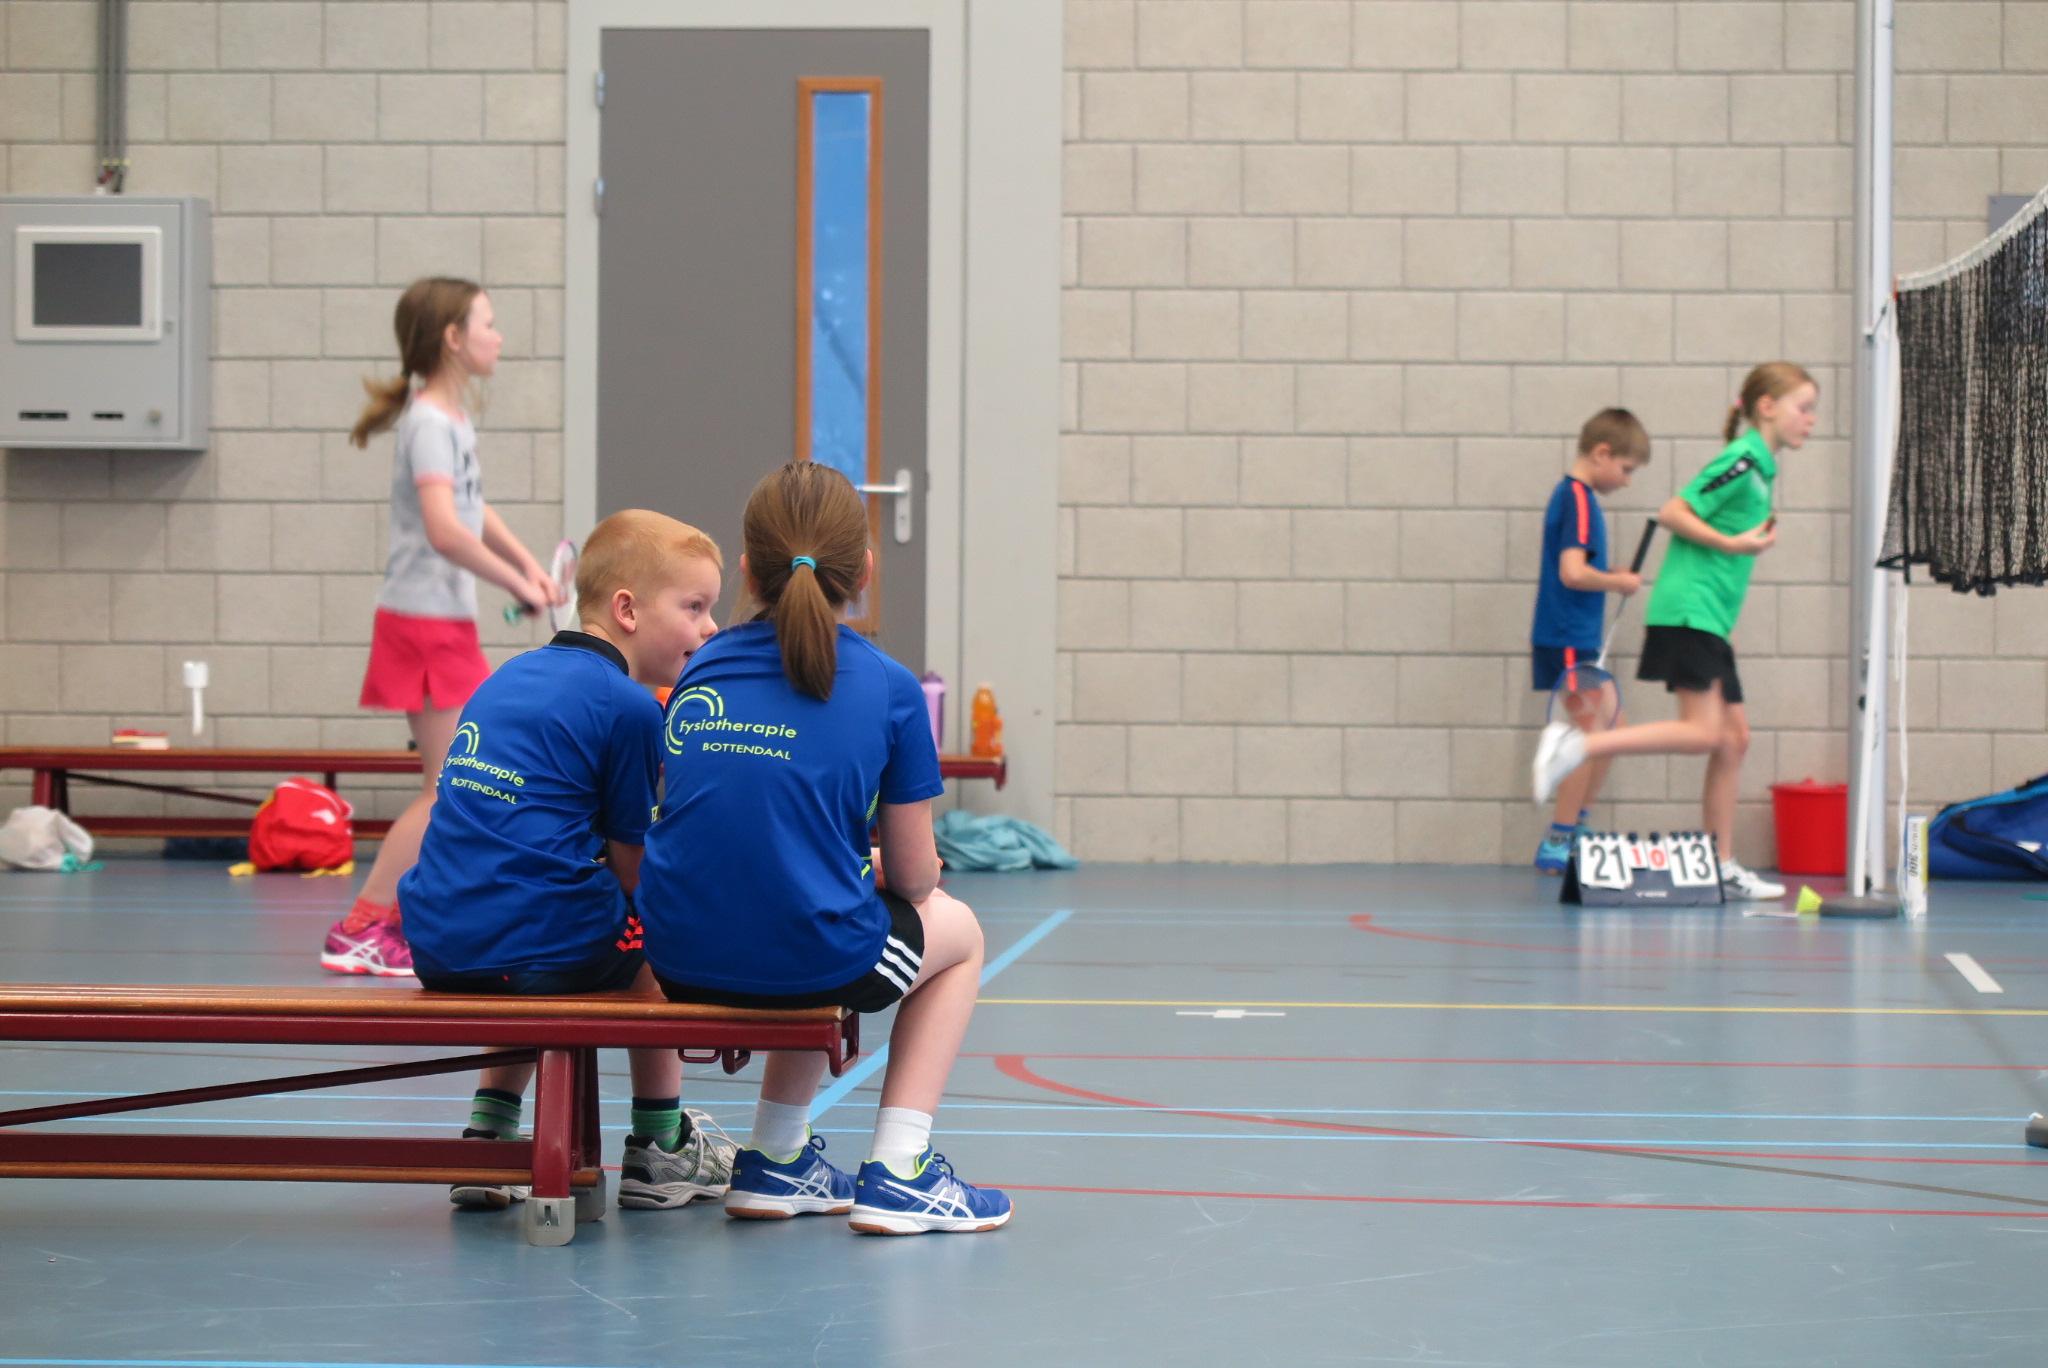 Competitie Archieven - Pagina 2 van 3 - Badmintonclub Mariken Badminton Nederland Competitie